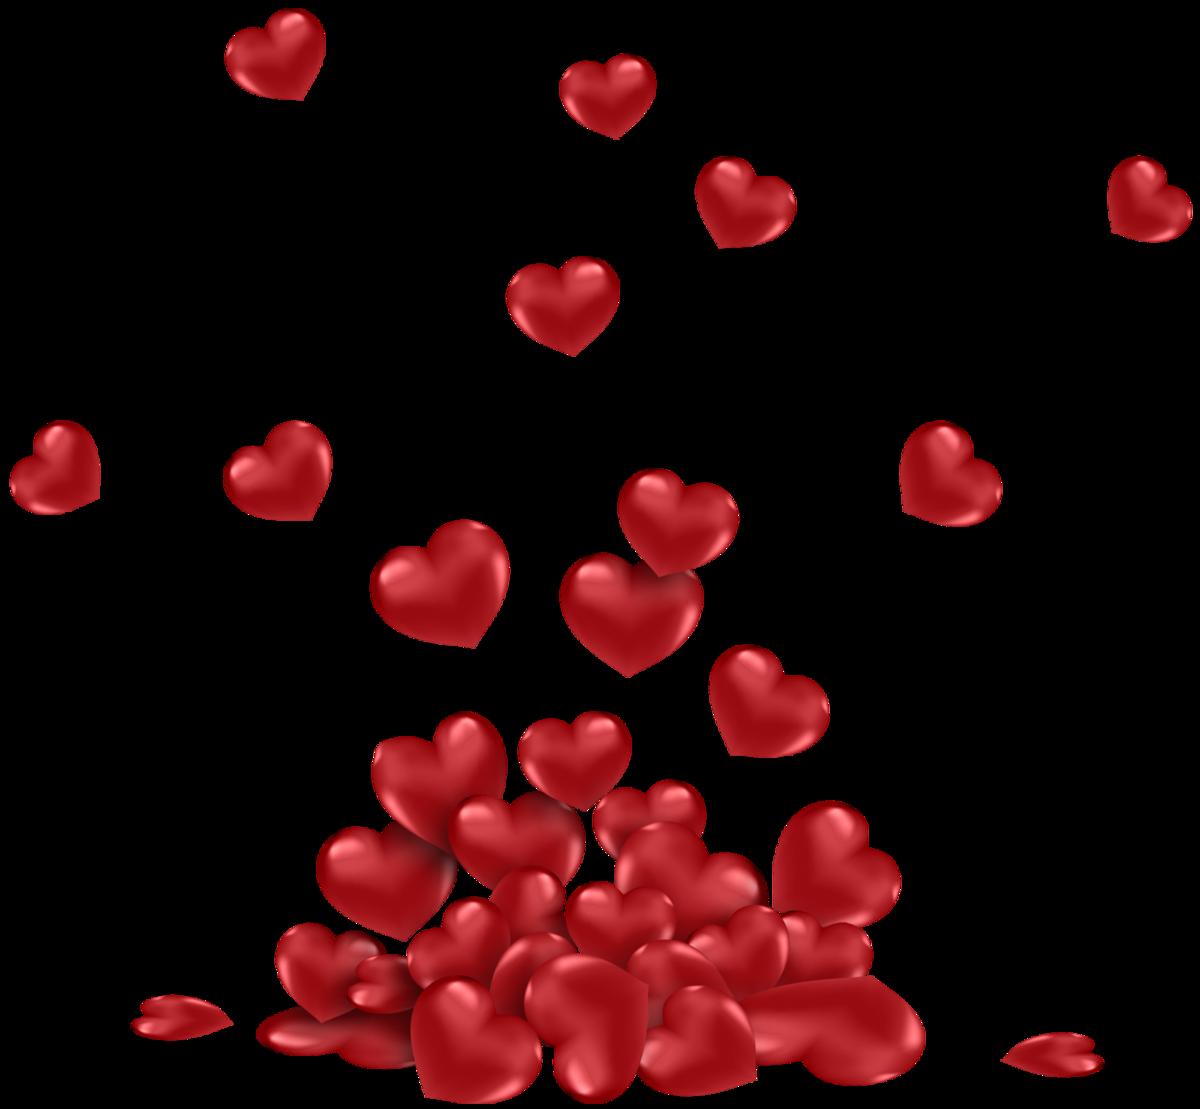 Картинка сердечки прозрачный фон